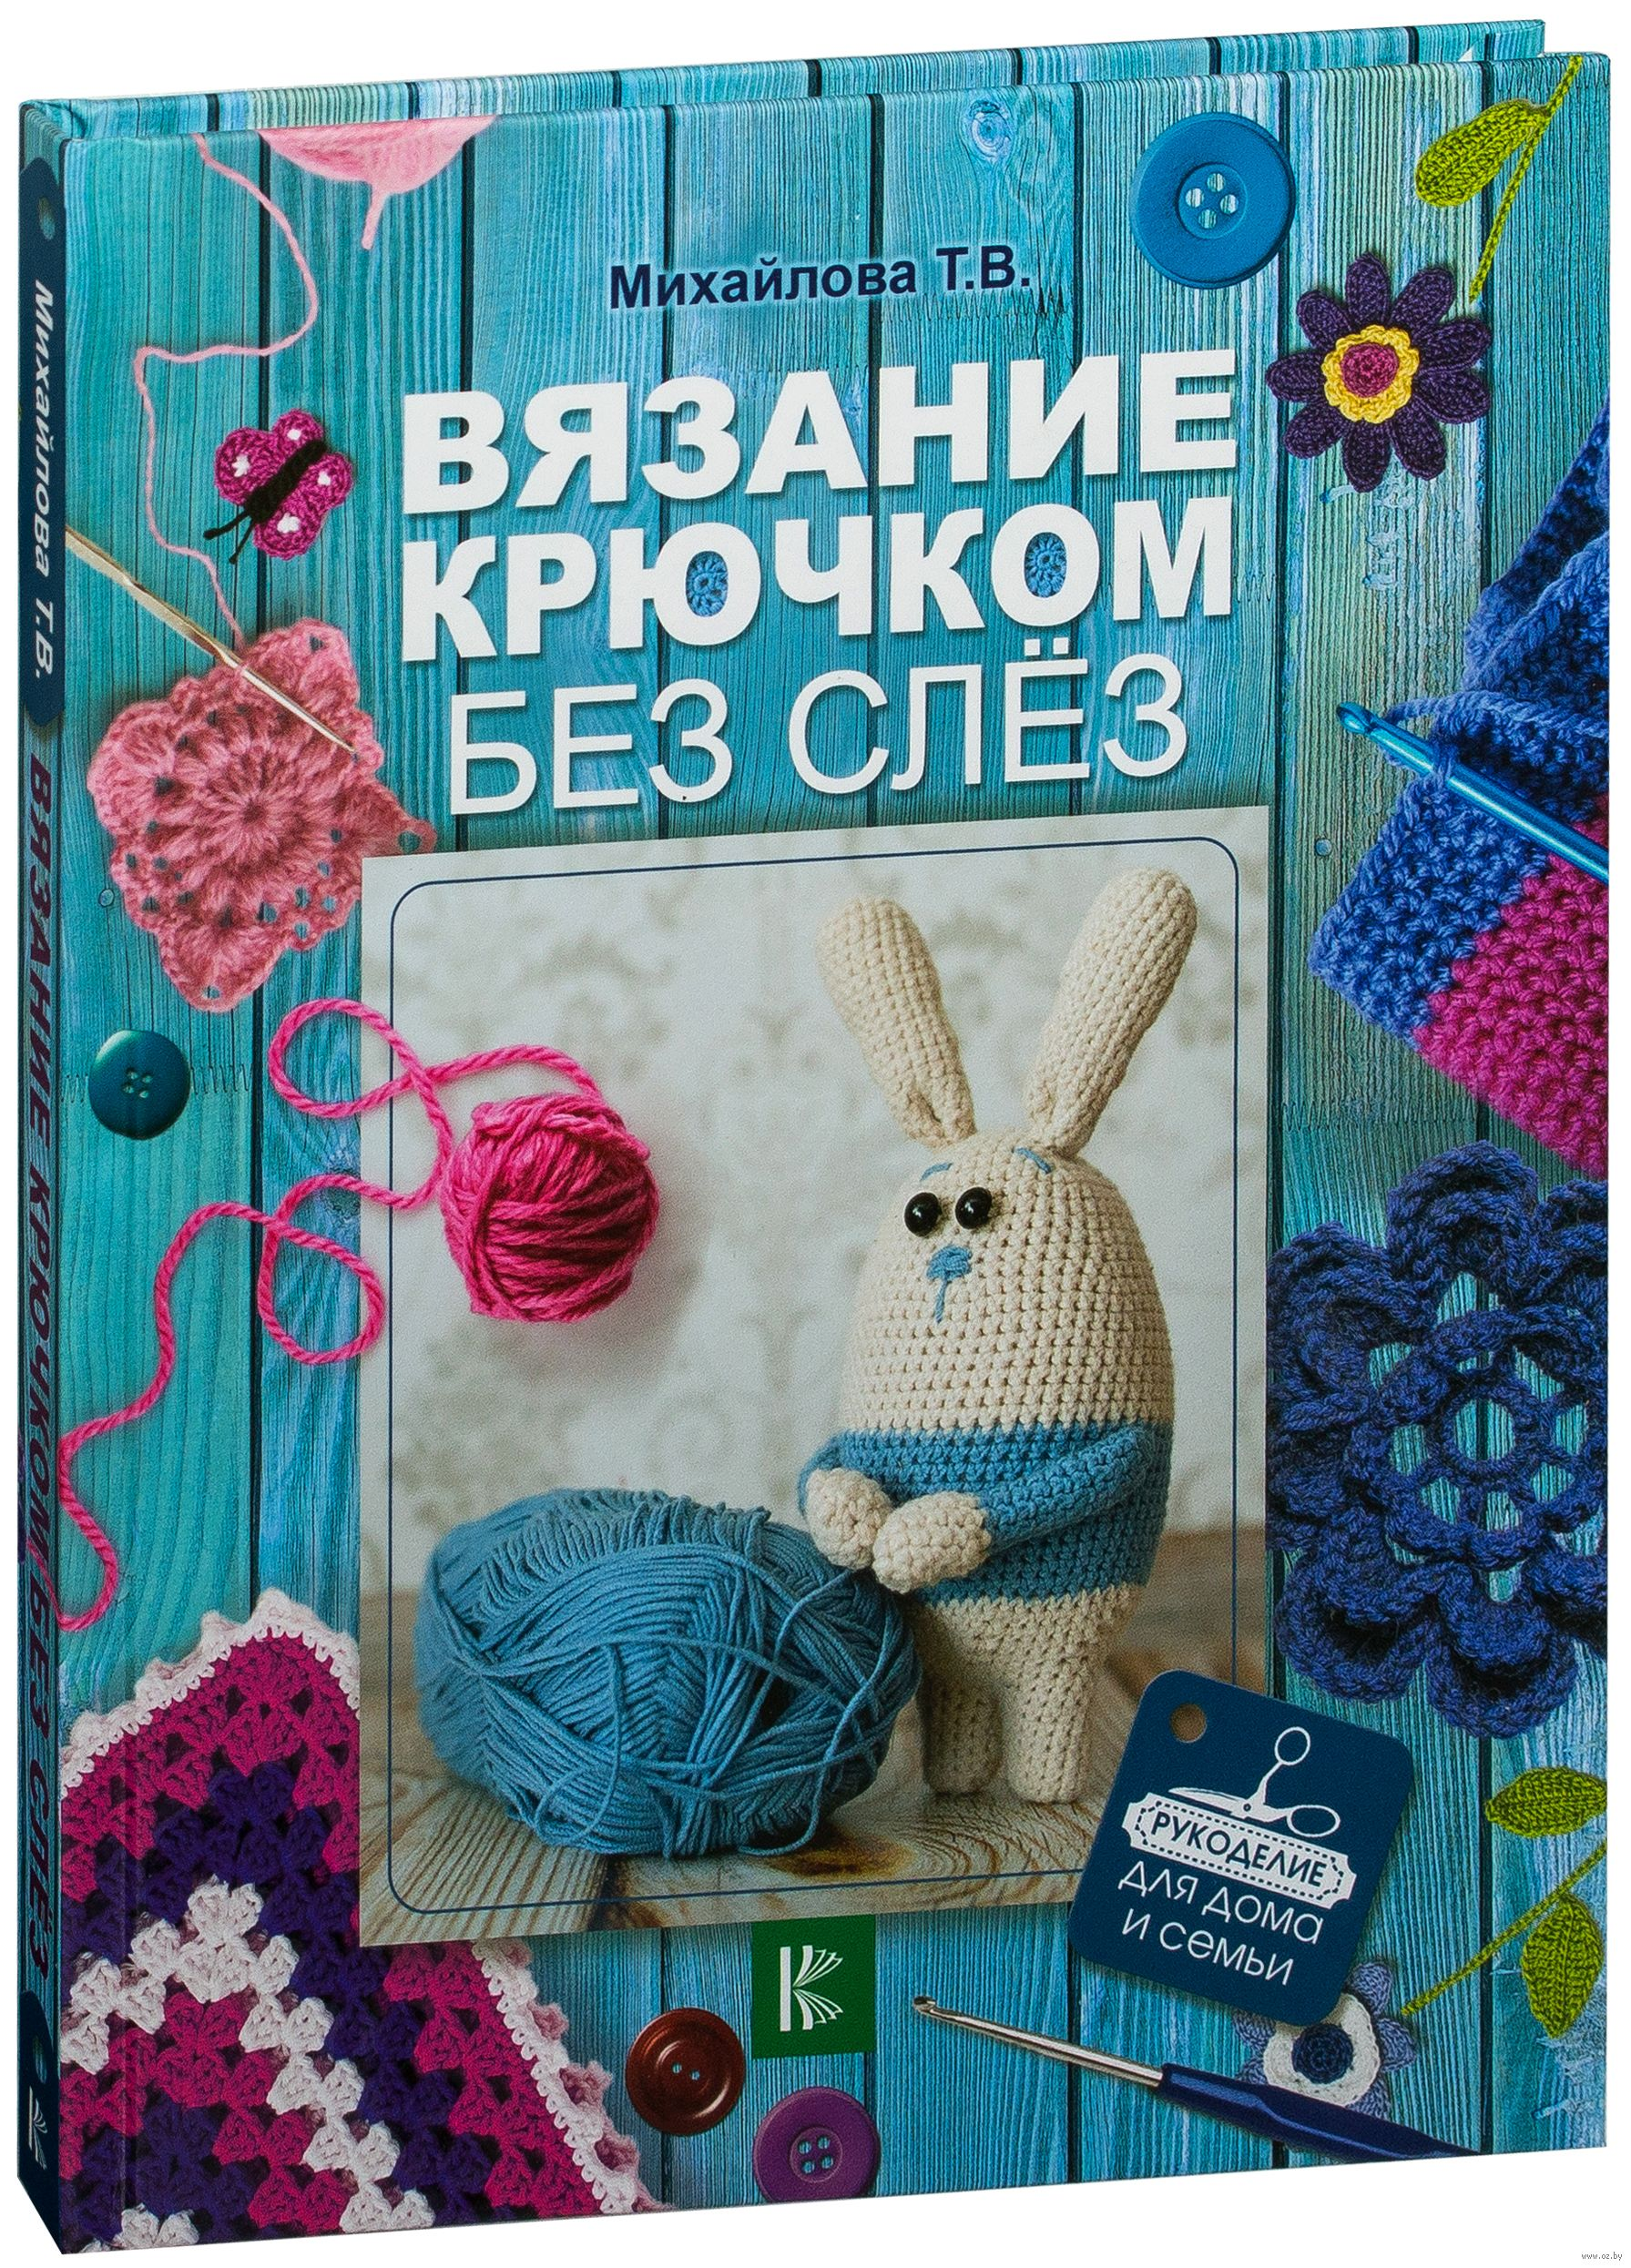 вязание крючком без слез татьяна михайлова купить книгу вязание